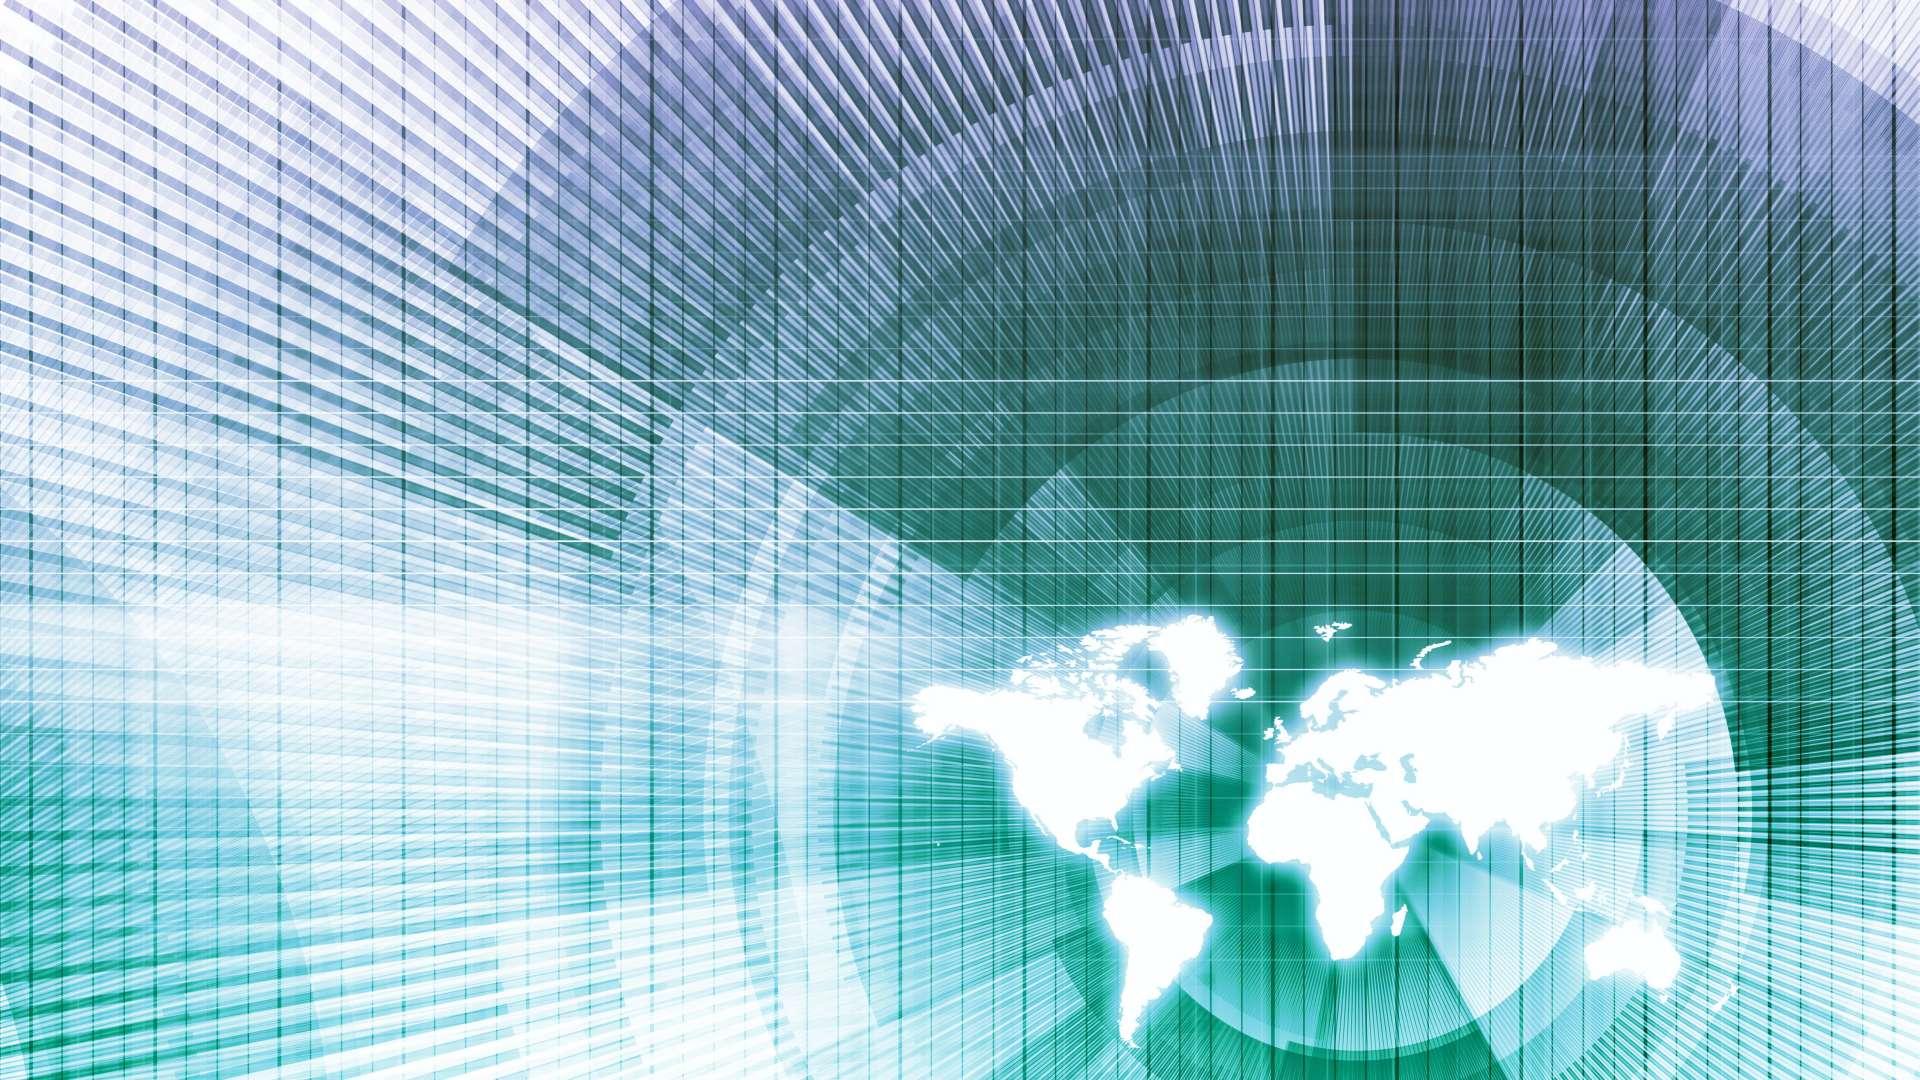 Nowe zasoby językowe firmy pomogą rzy nasłuchiwaniu opinii klientów marka Mediarun monitoring 67145787 Subscription Monthly XXL